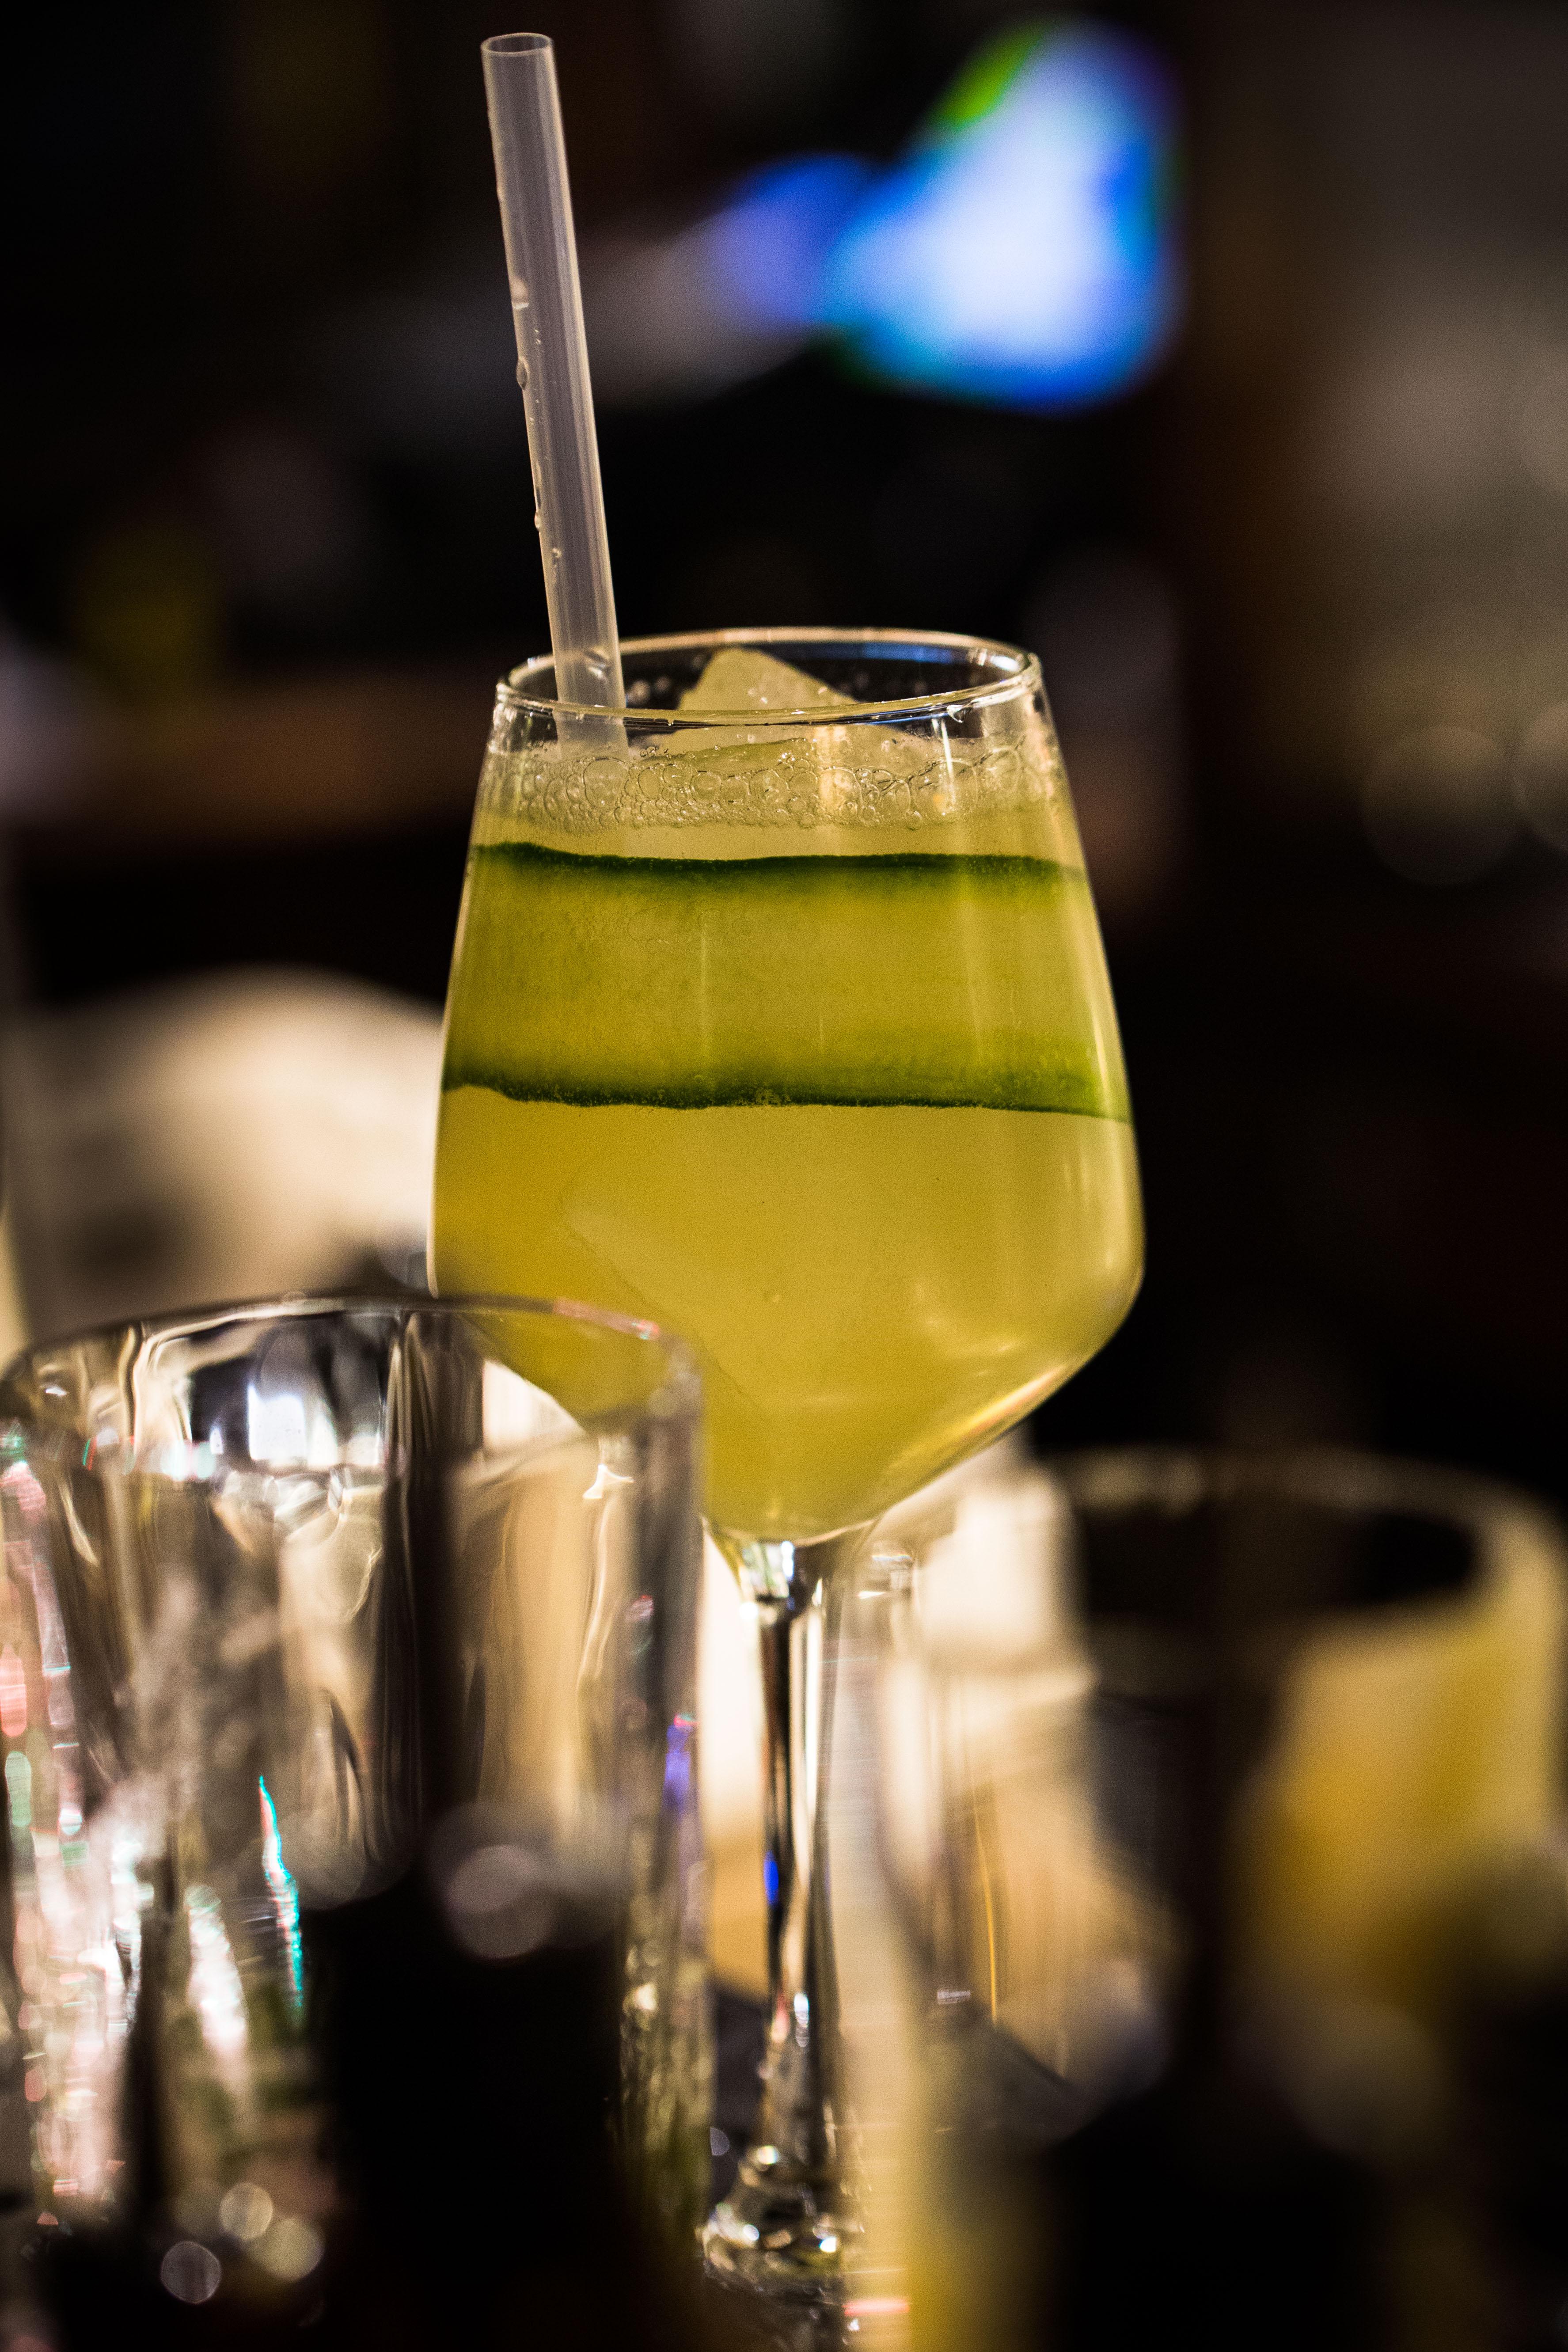 cocktail-fannygaudin-5102